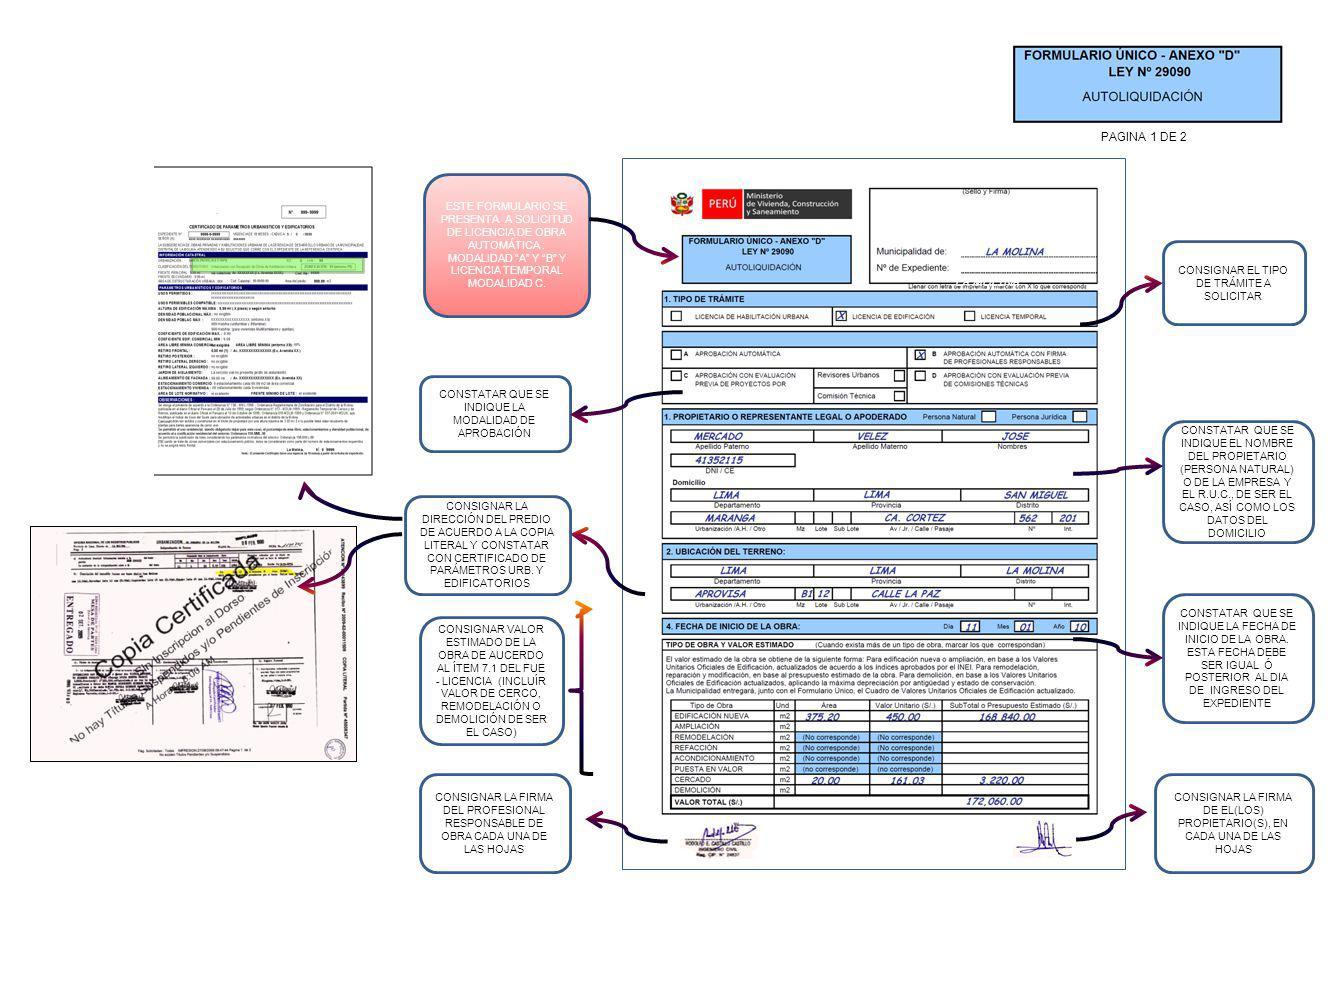 PAGINA 1 DE 2 ESTE FORMULARIO SE PRESENTA A SOLICITUD DE LICENCIA DE OBRA AUTOMÁTICA : MODALIDAD A Y B Y LICENCIA TEMPORAL MODALIDAD C.